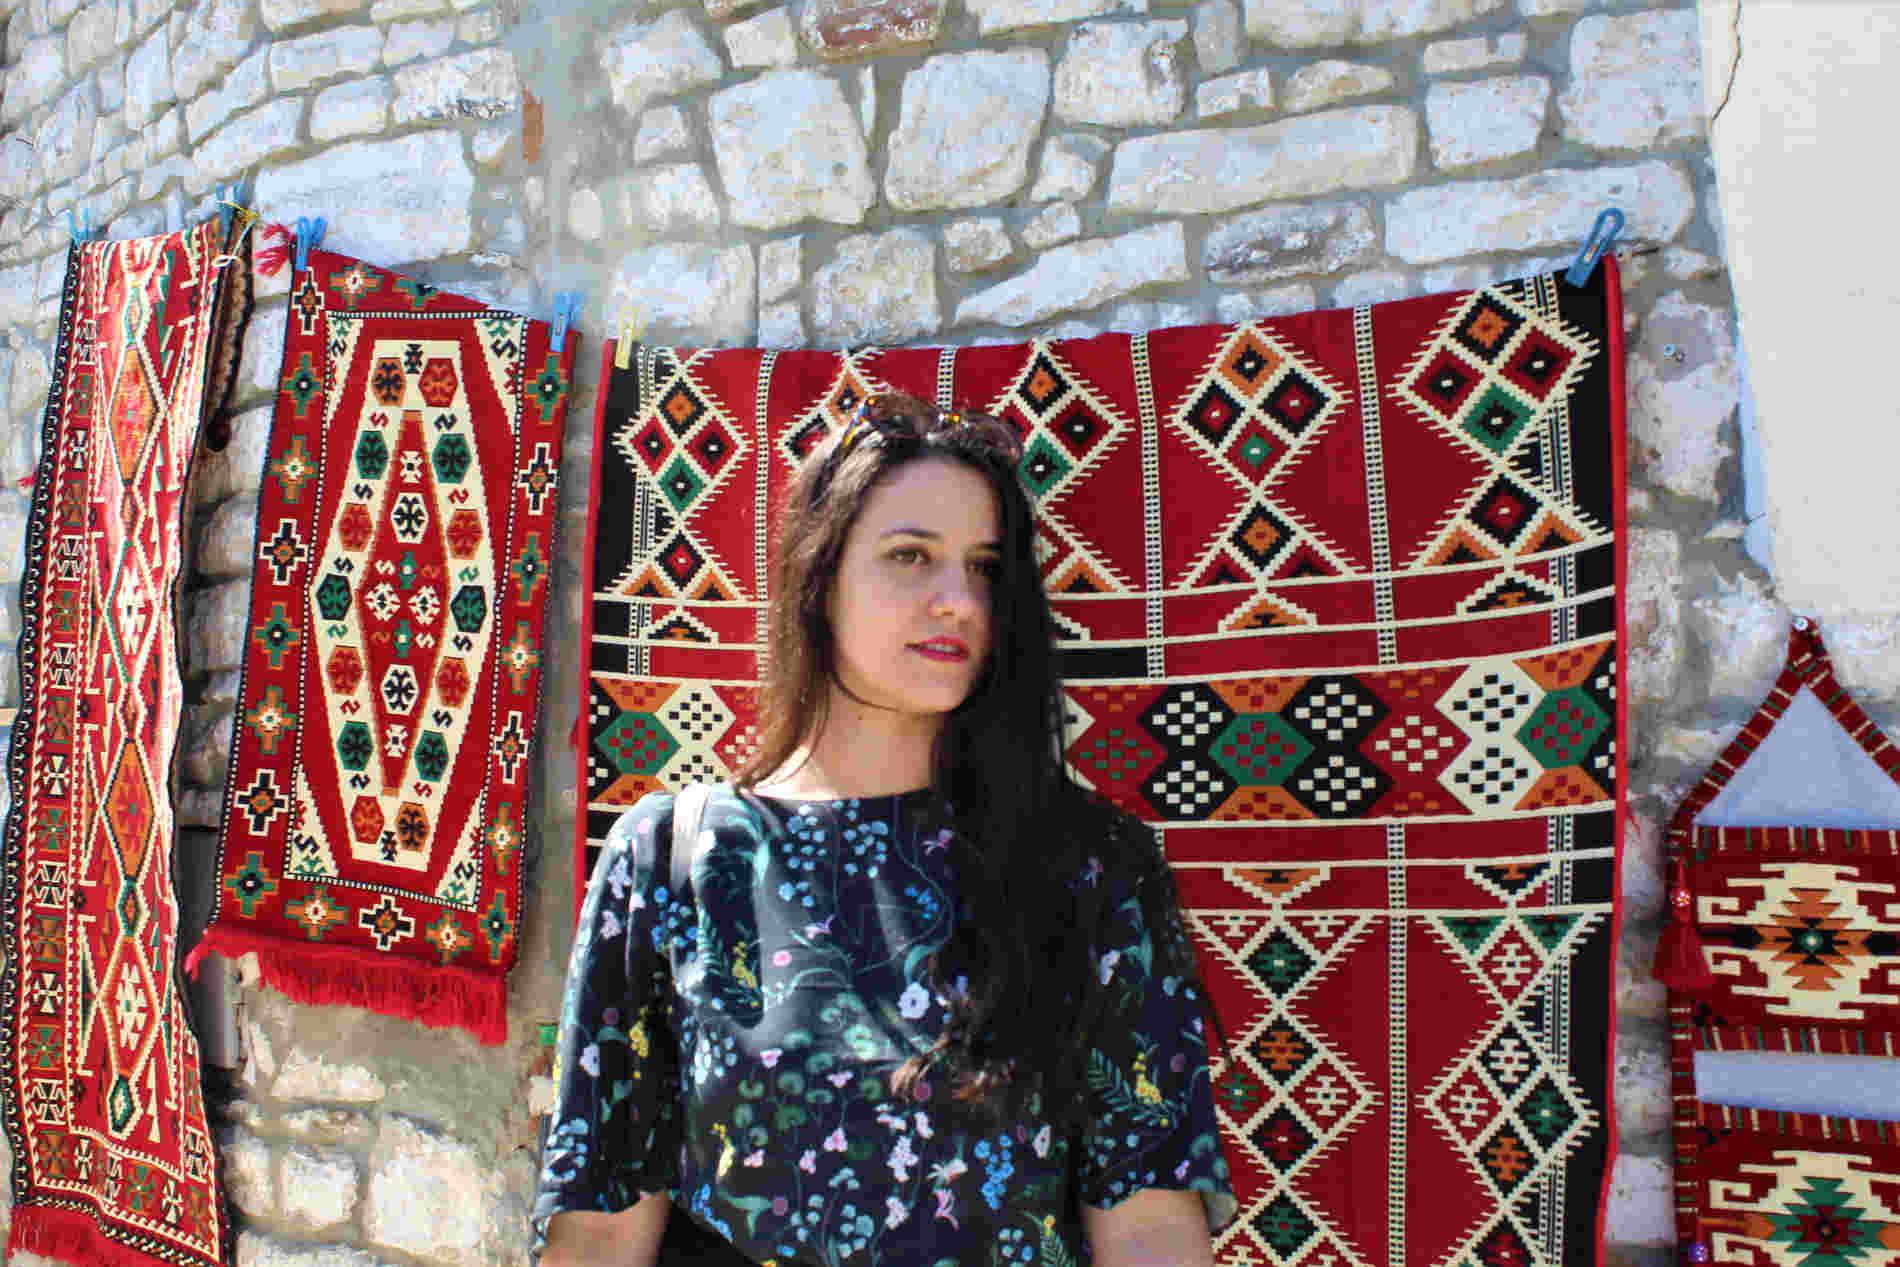 Consigli utili su come organizzare un Viaggio in Albania